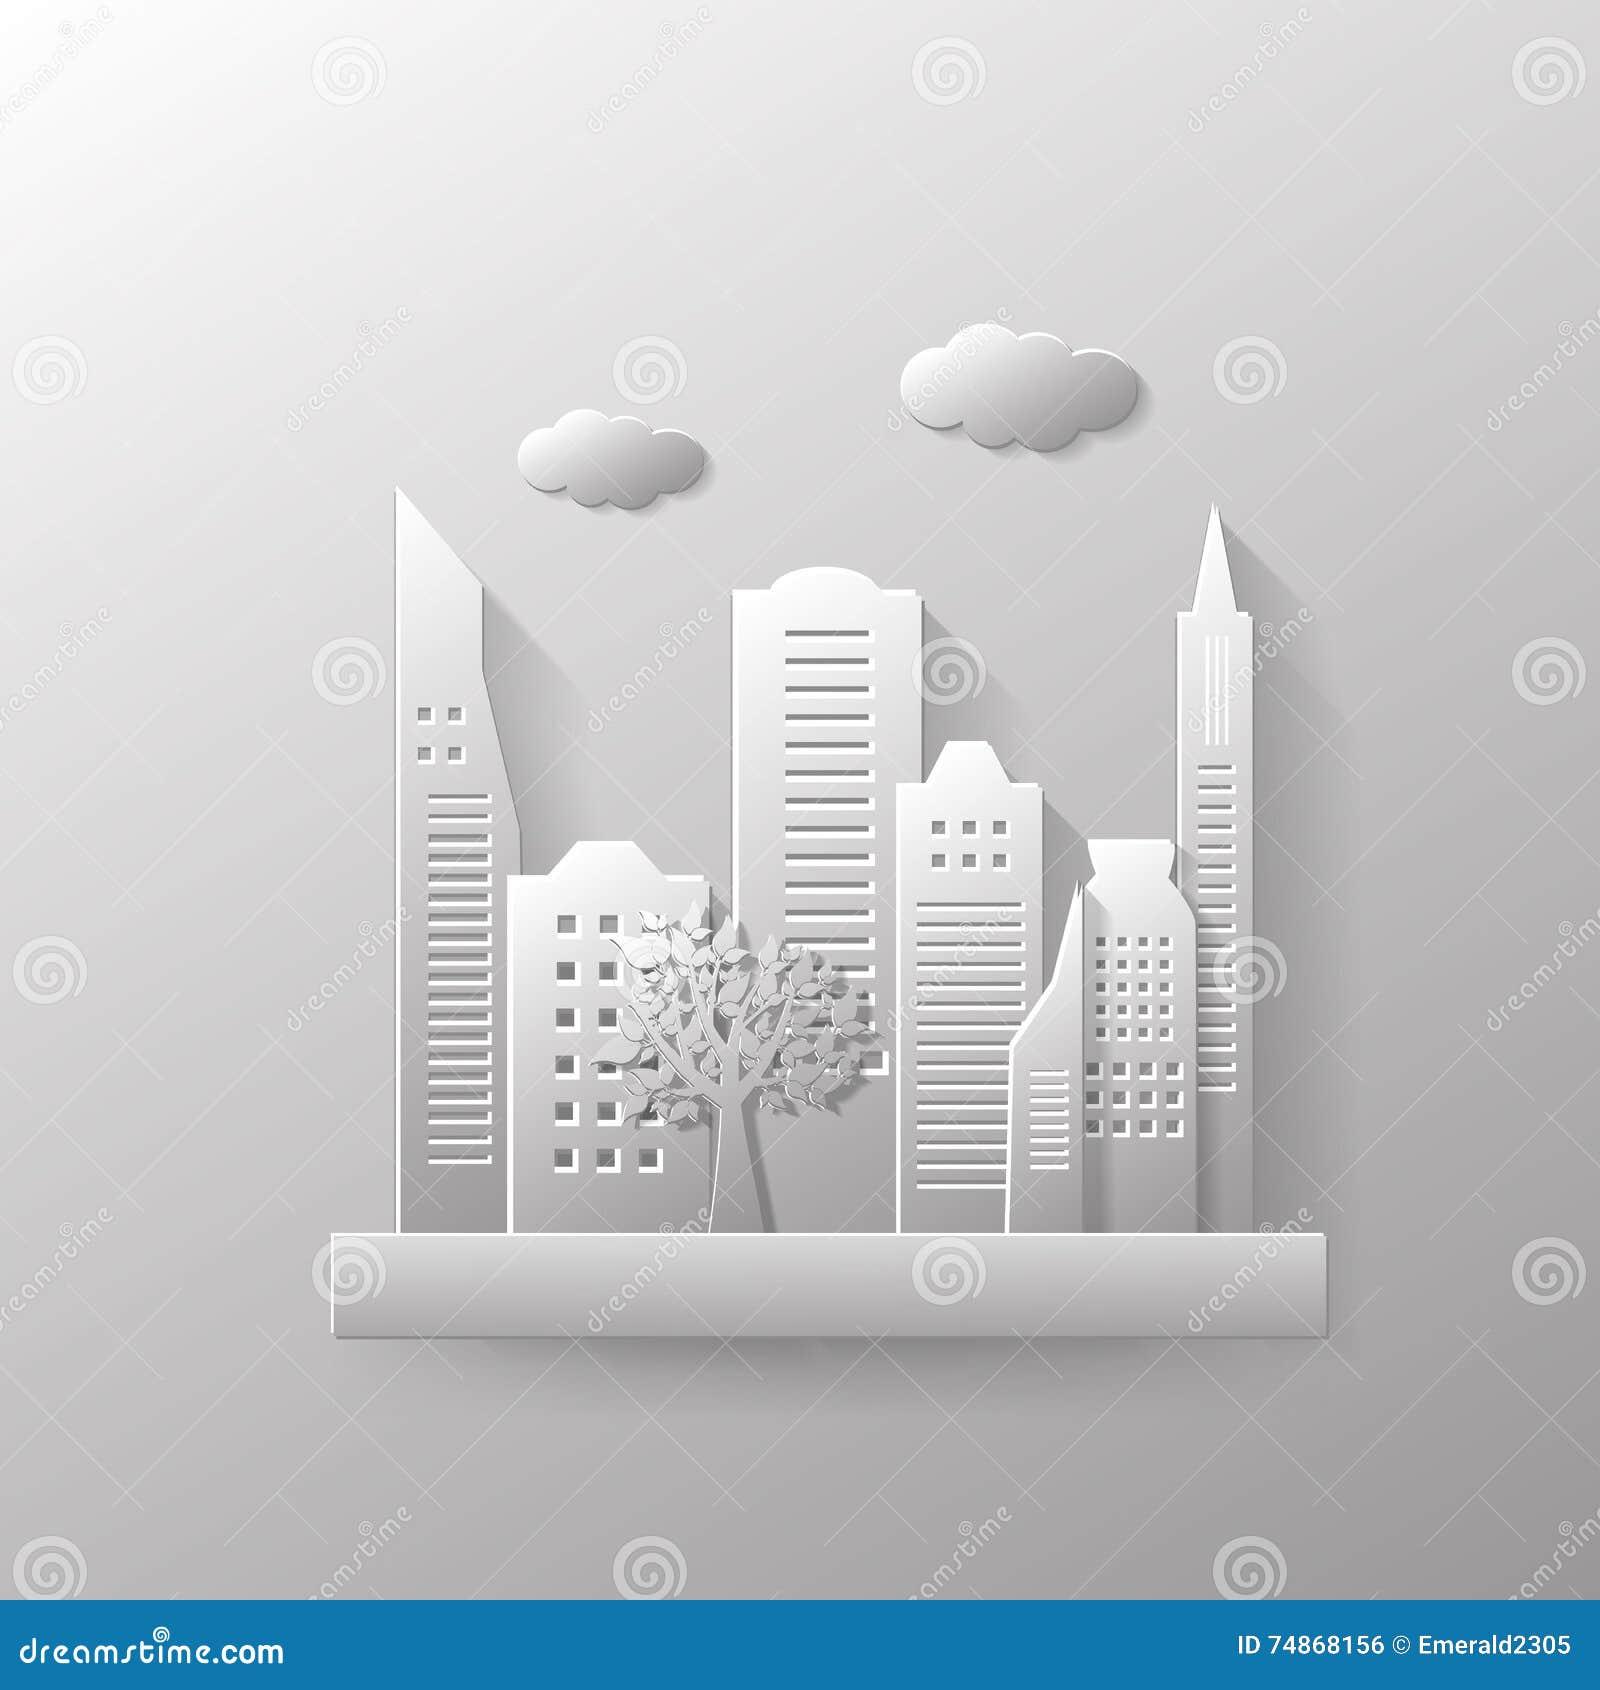 Designing your dream city essay